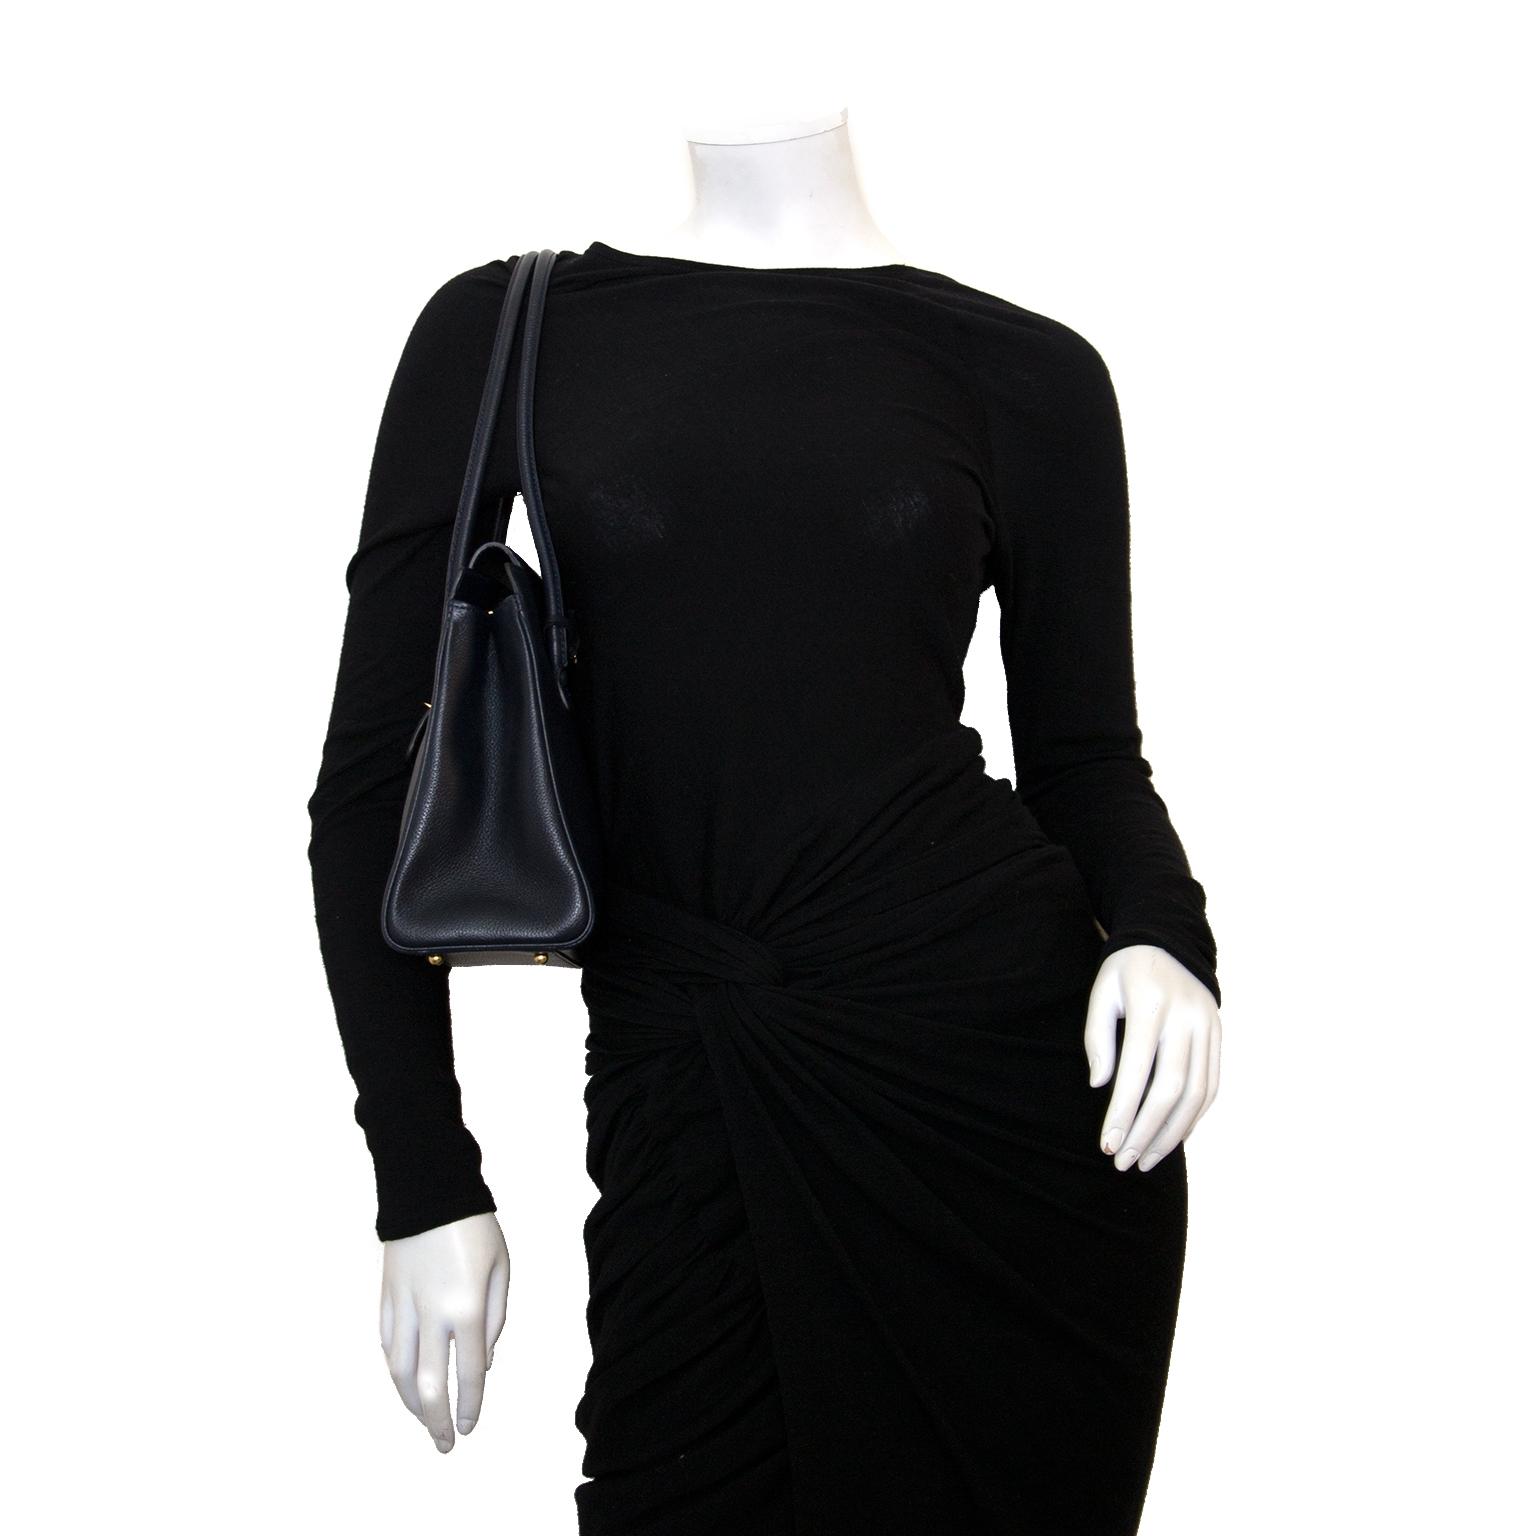 Buy designer Delvaux handbags at Labellov vintage fashion webshop